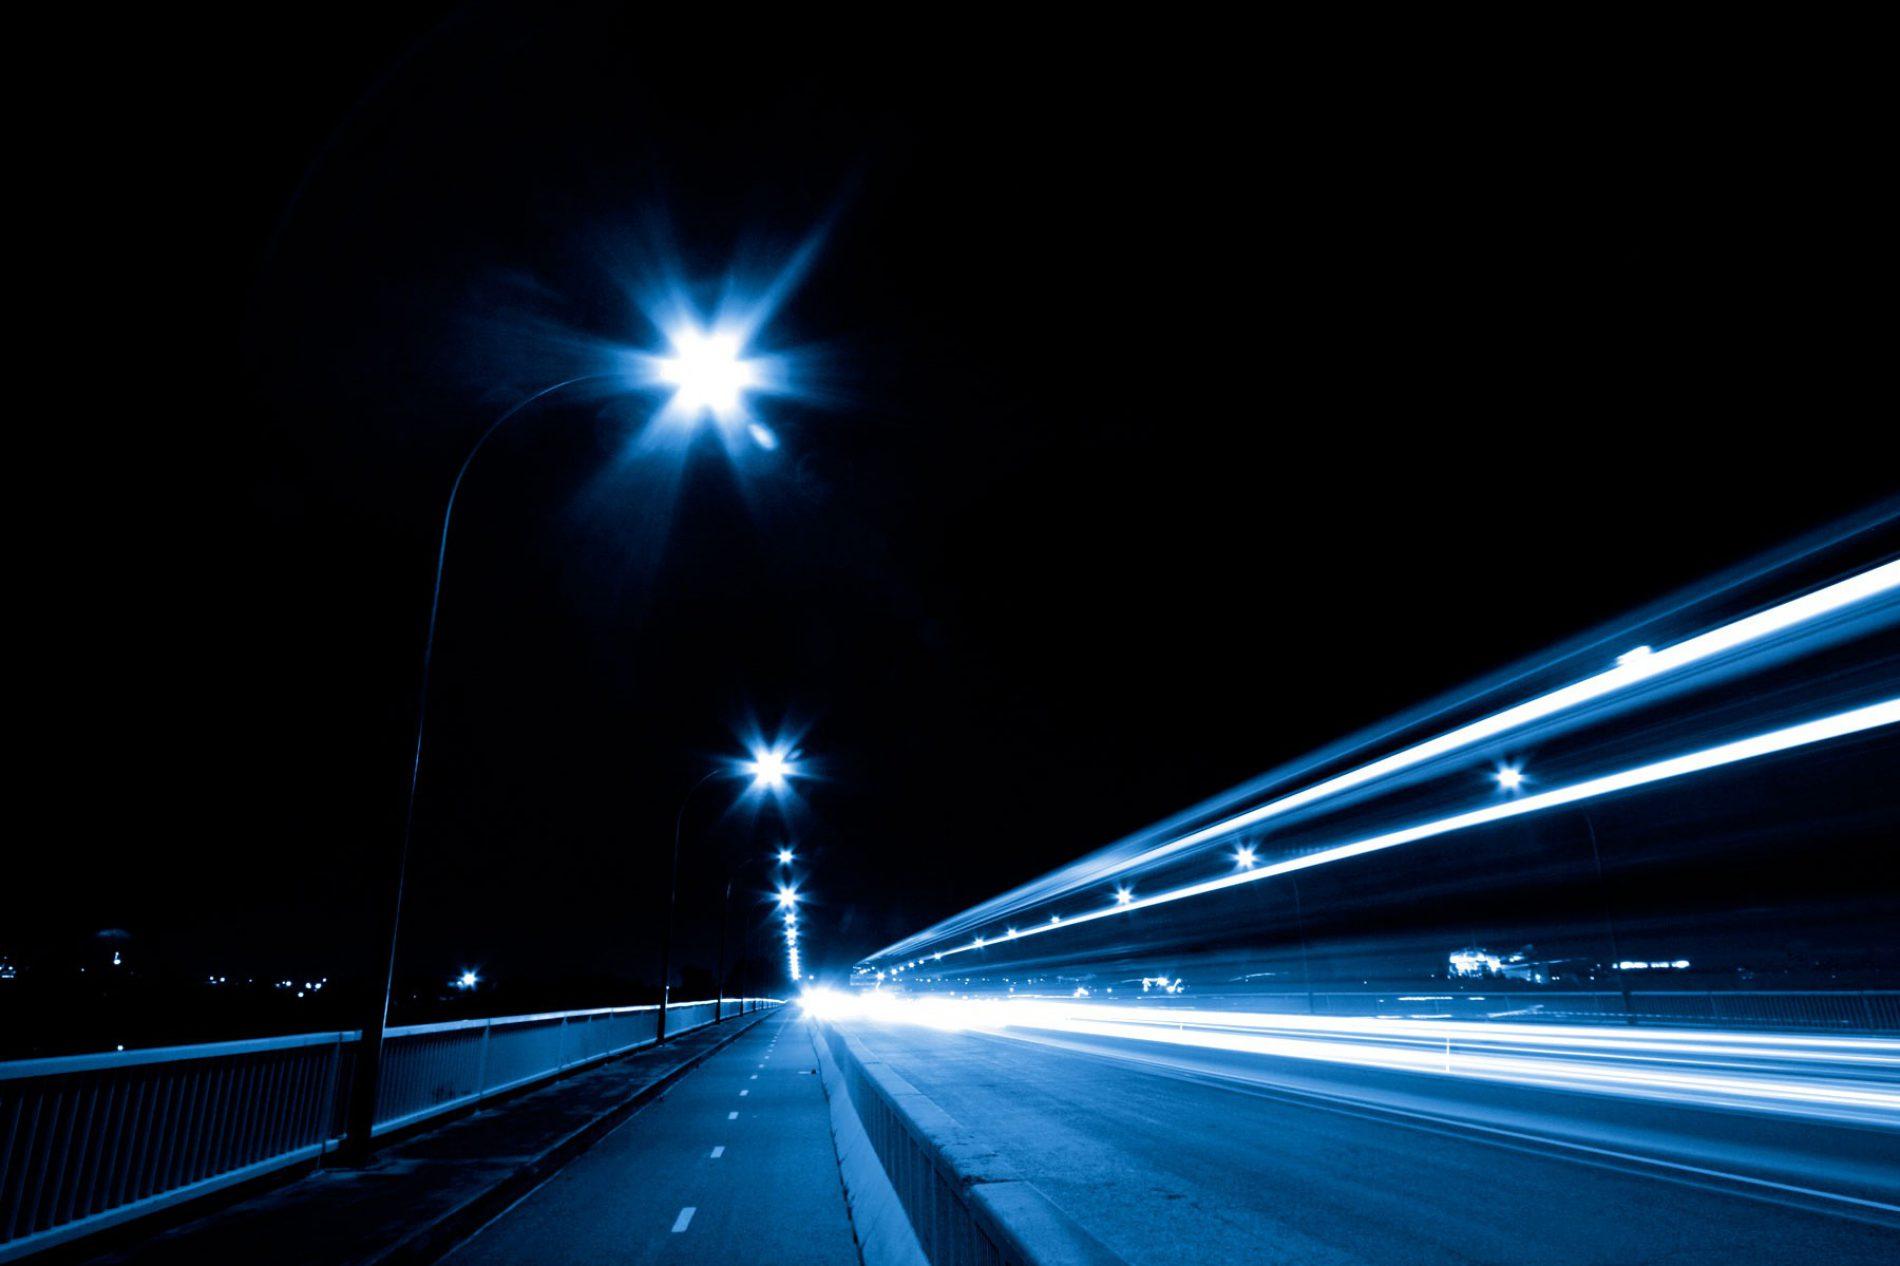 Decreto sui Criteri Ambientali Minimi per l'illuminazione pubblica